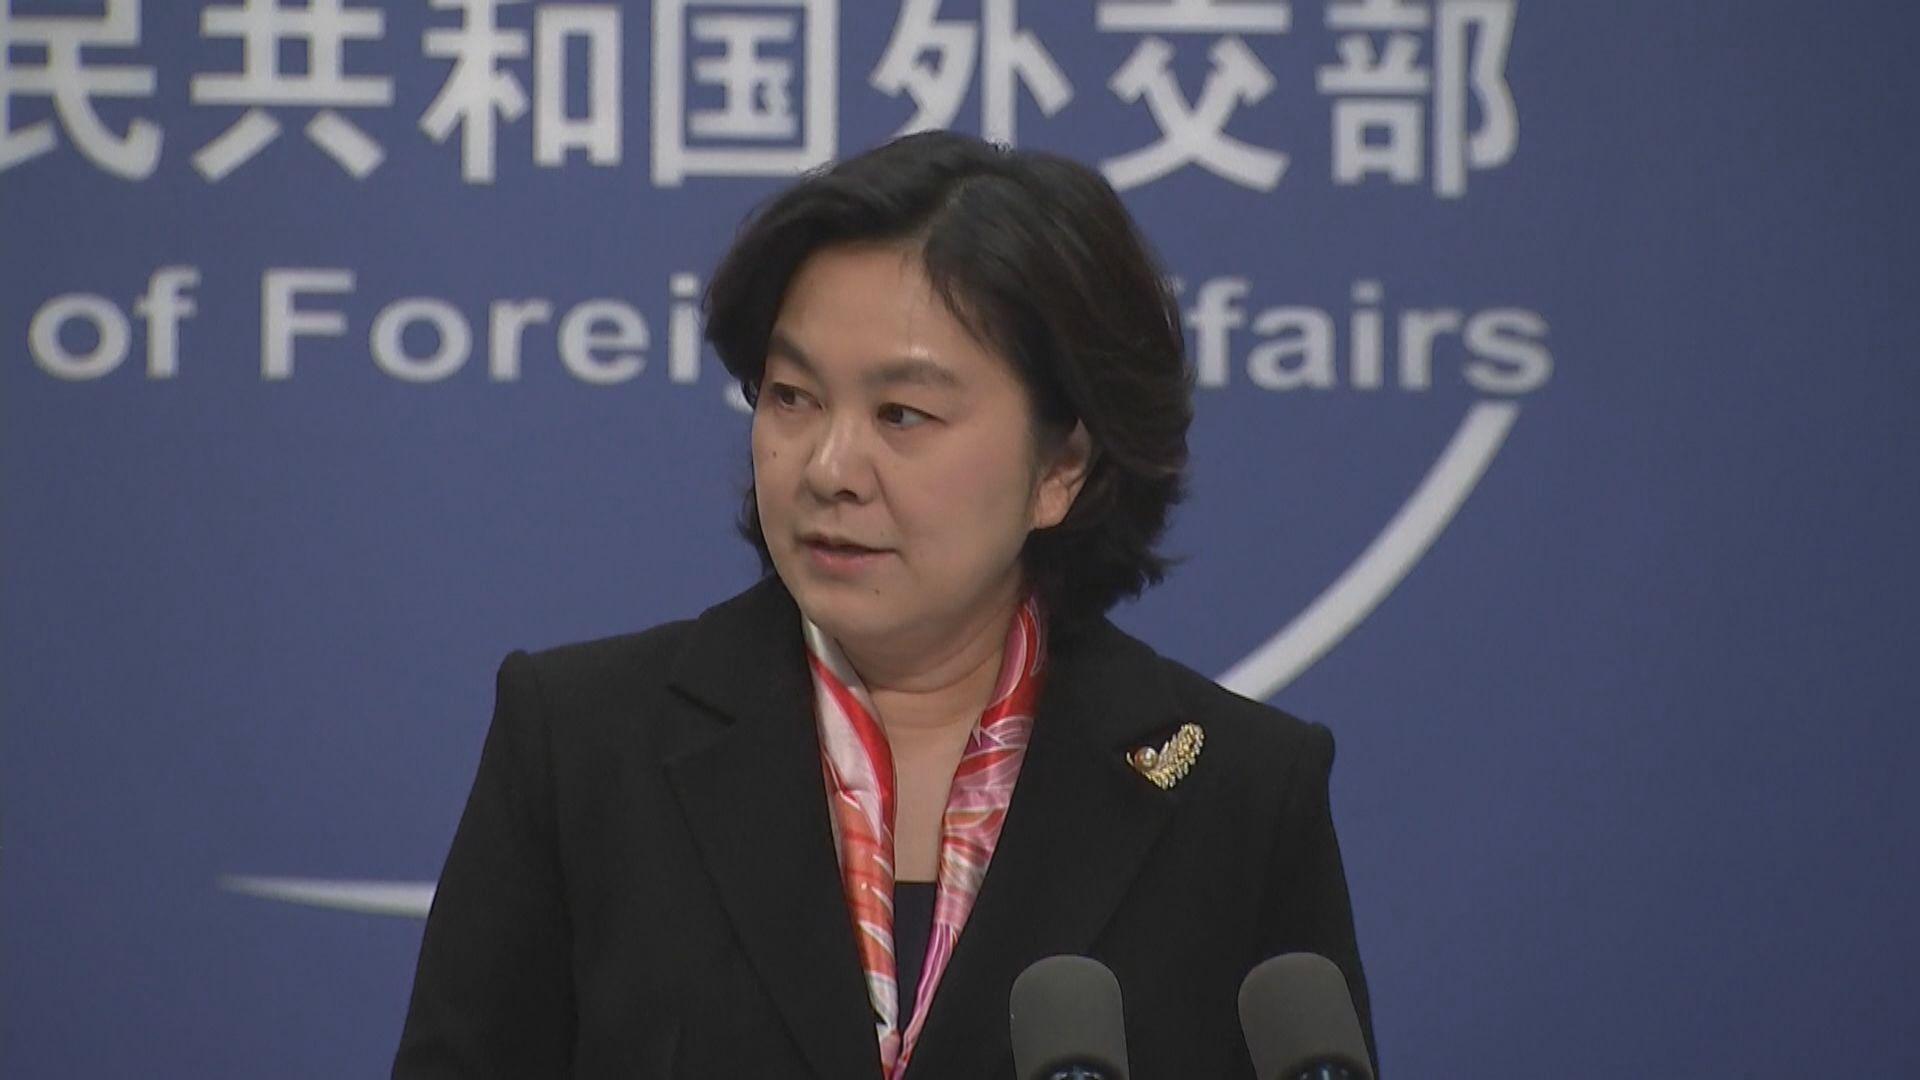 外交部:台灣民進黨當局勿以疫情進行政治炒作